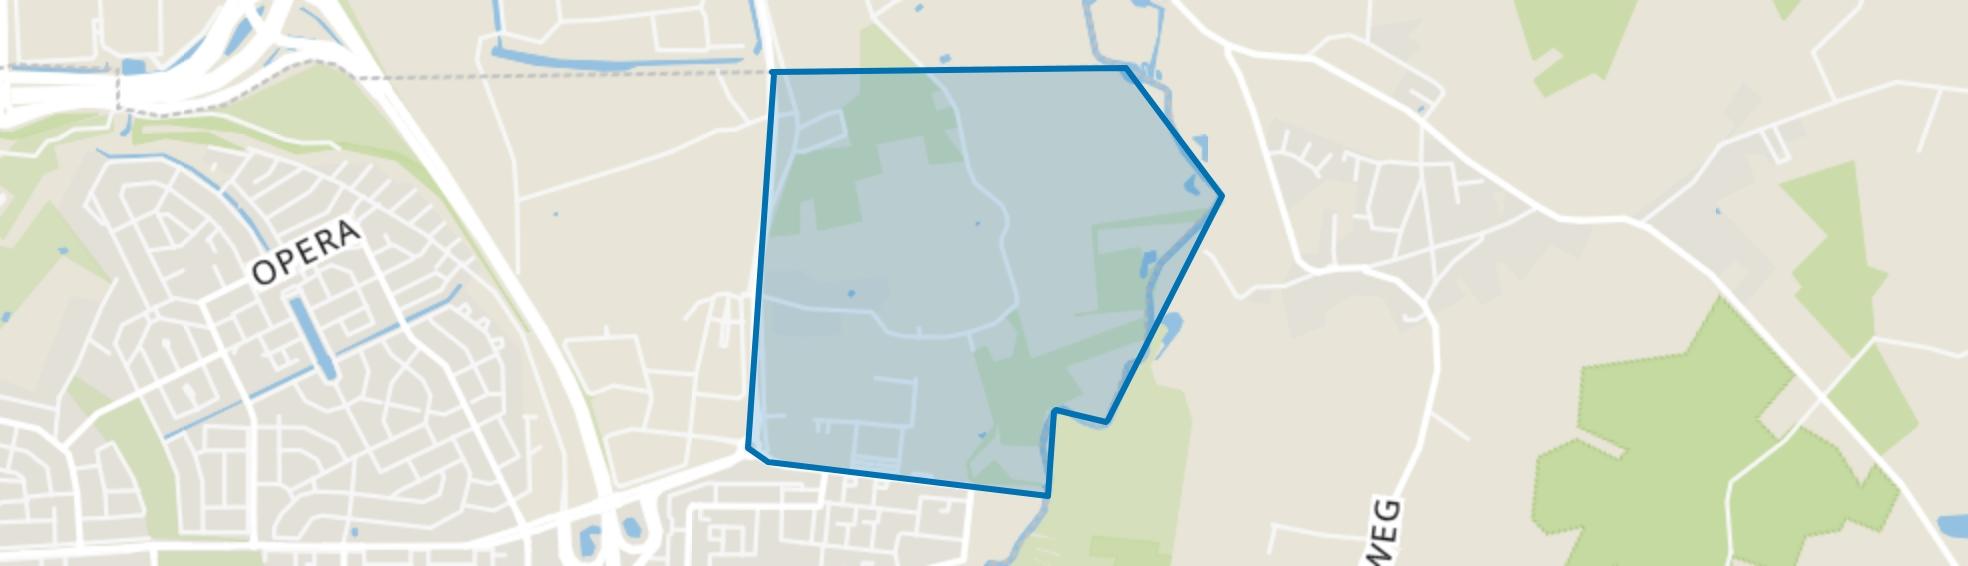 Bokt, Eindhoven map